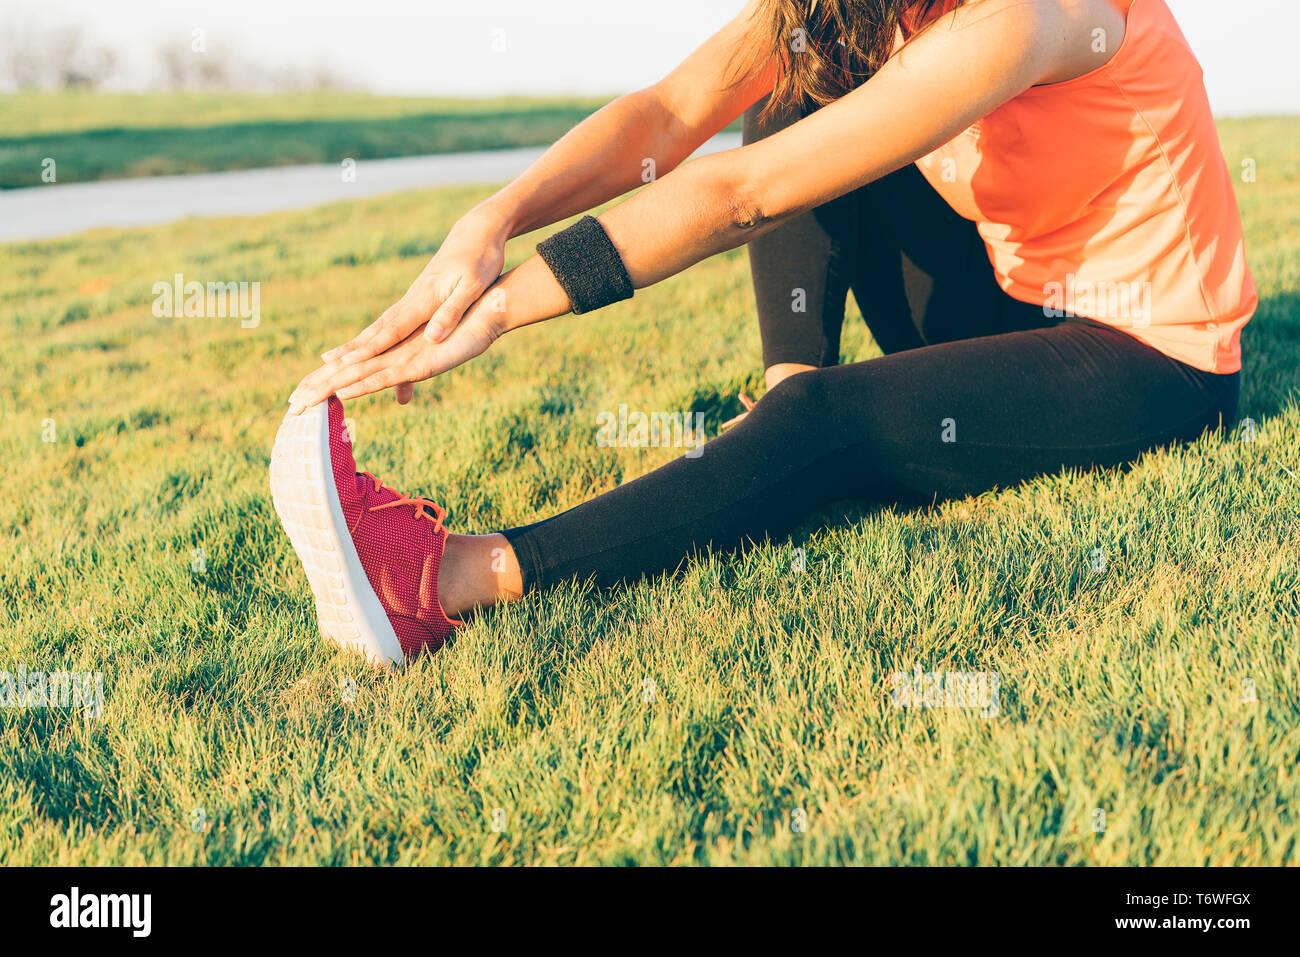 Giovani runner donna gambe stretching prima di correre in un parco. Close up atletico e sana bambina indossa bianco e rosa sneakers. Foto Stock